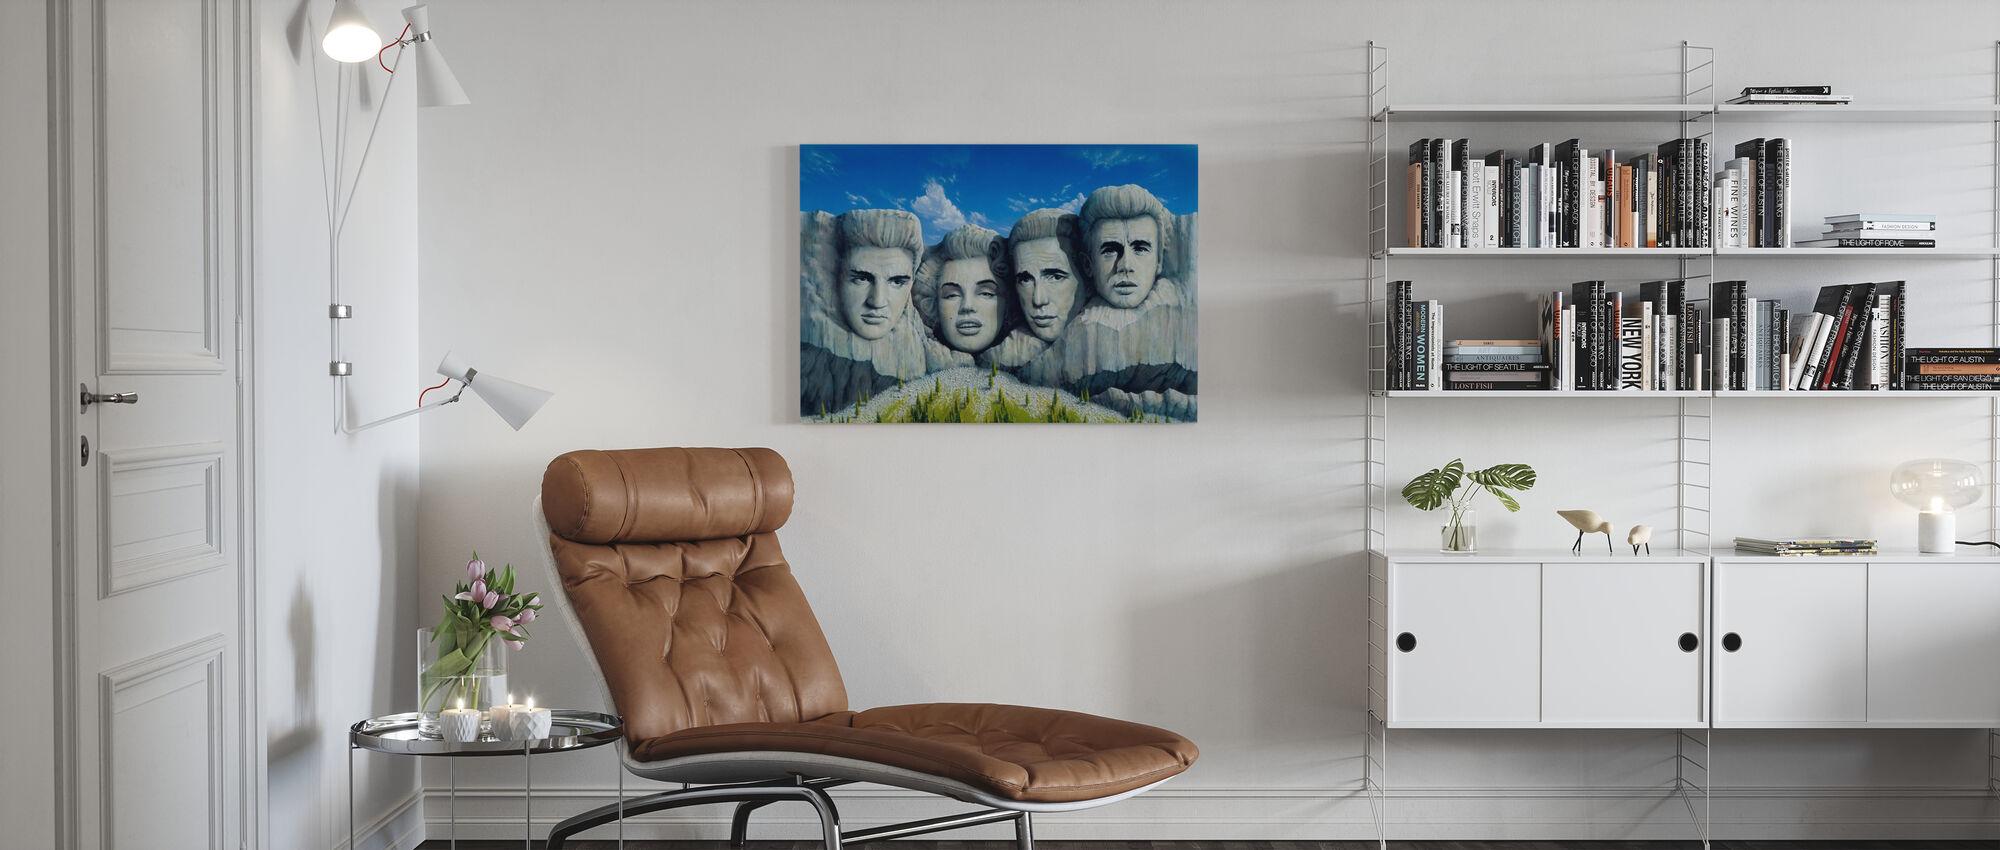 Legends - Canvas print - Living Room